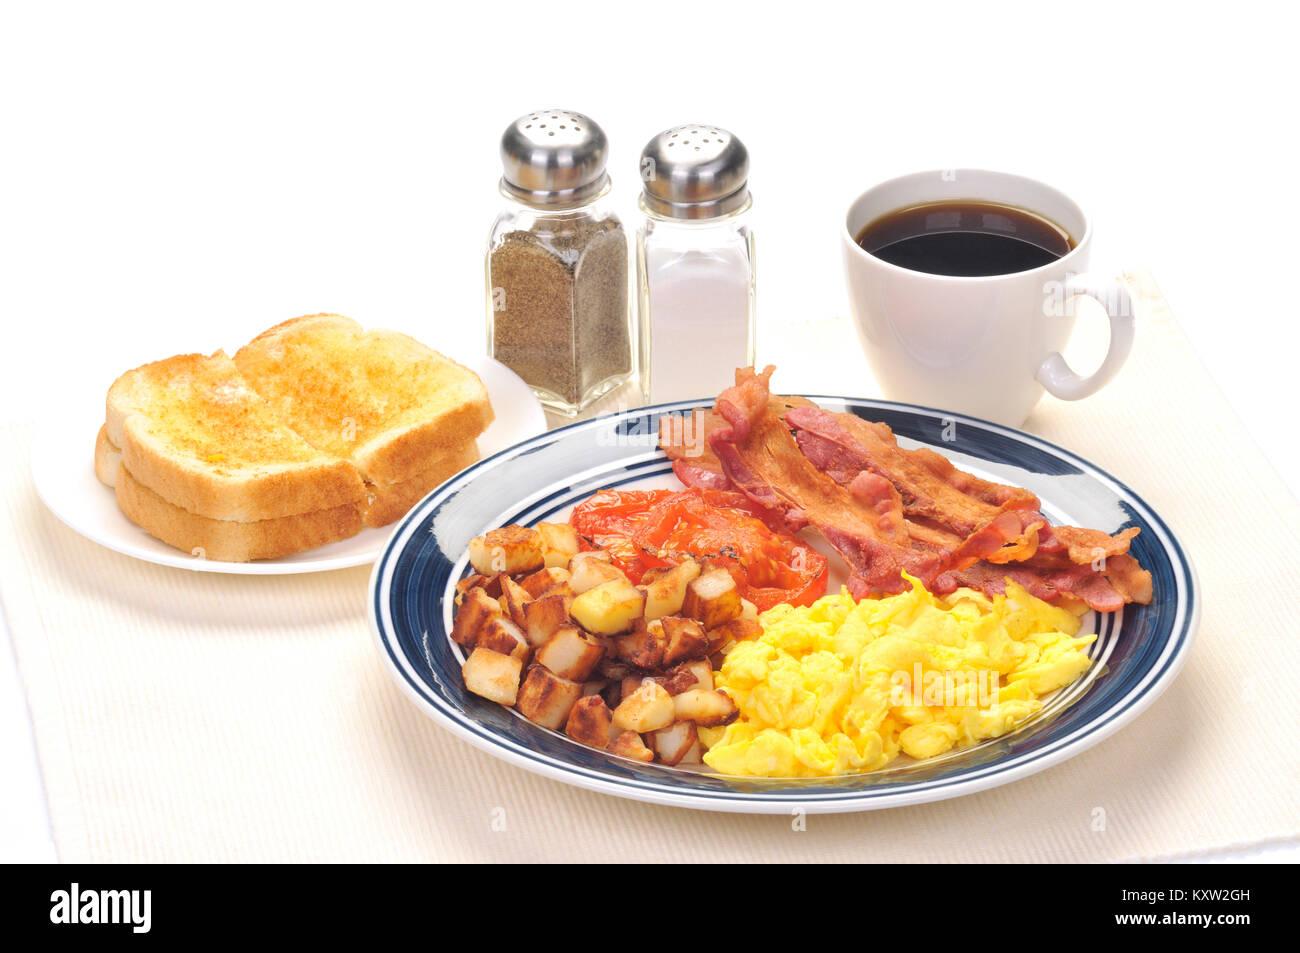 Blaue platte Frühstück mit Rührei, Hash Brown Kartoffeln, Streifen von Speck, gegrillten Tomaten, Stockbild